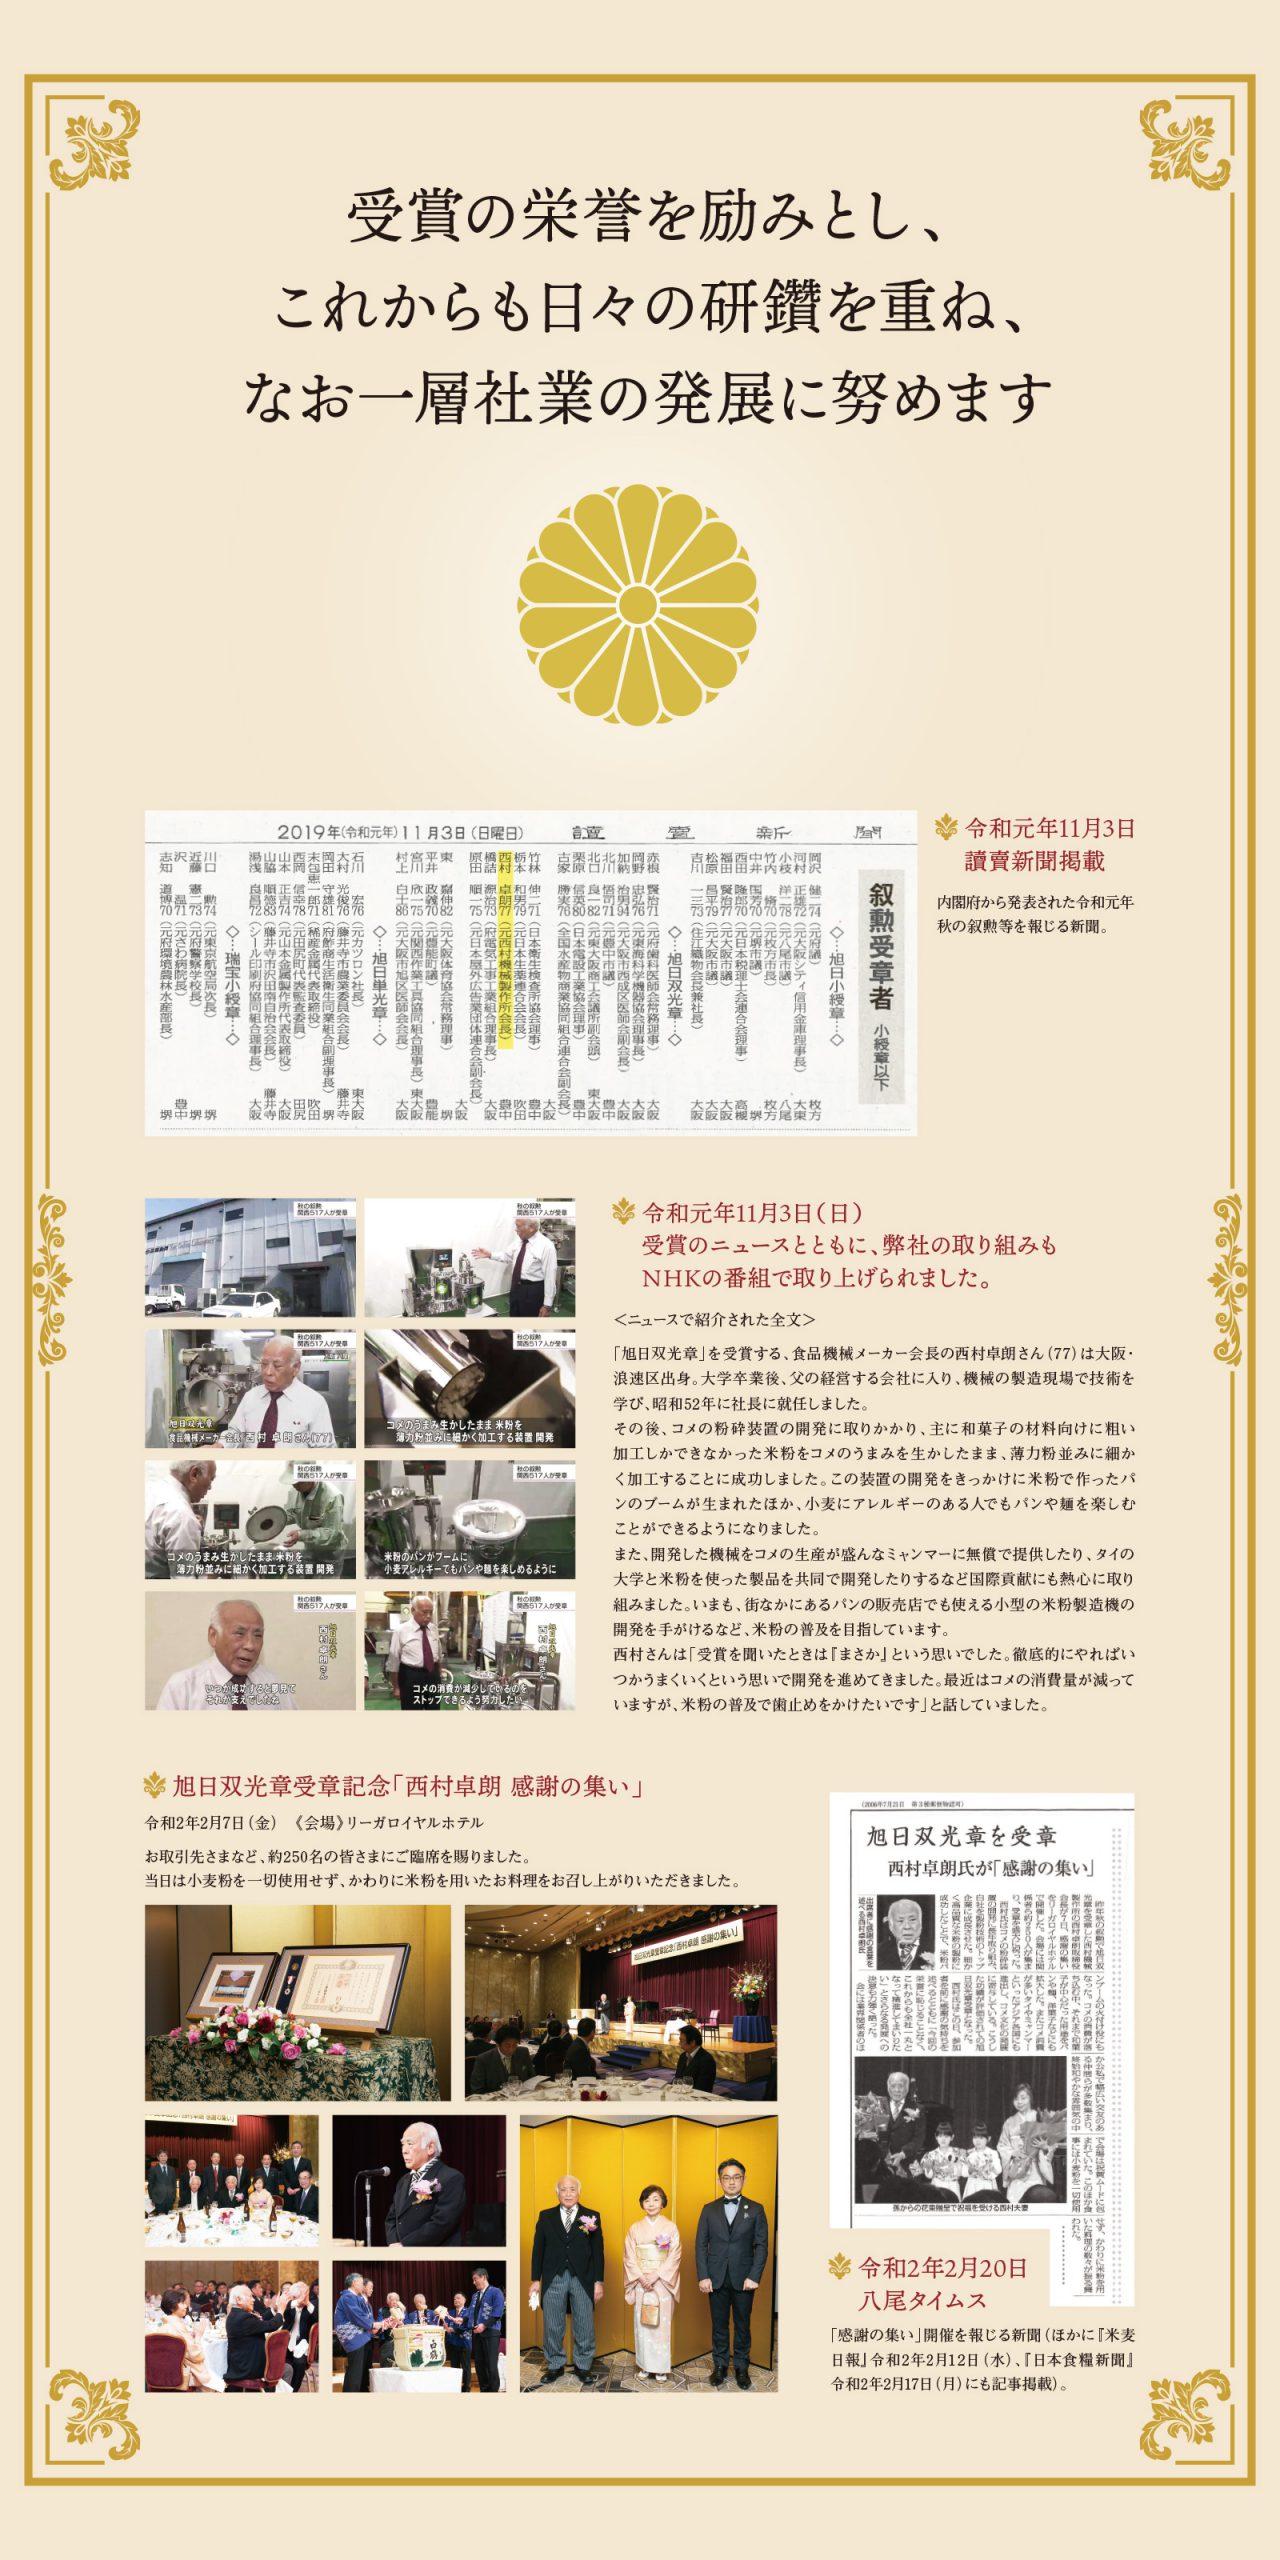 旭日双光章タペストリー|2020.10 西村機械製作所様(大阪府八尾市)